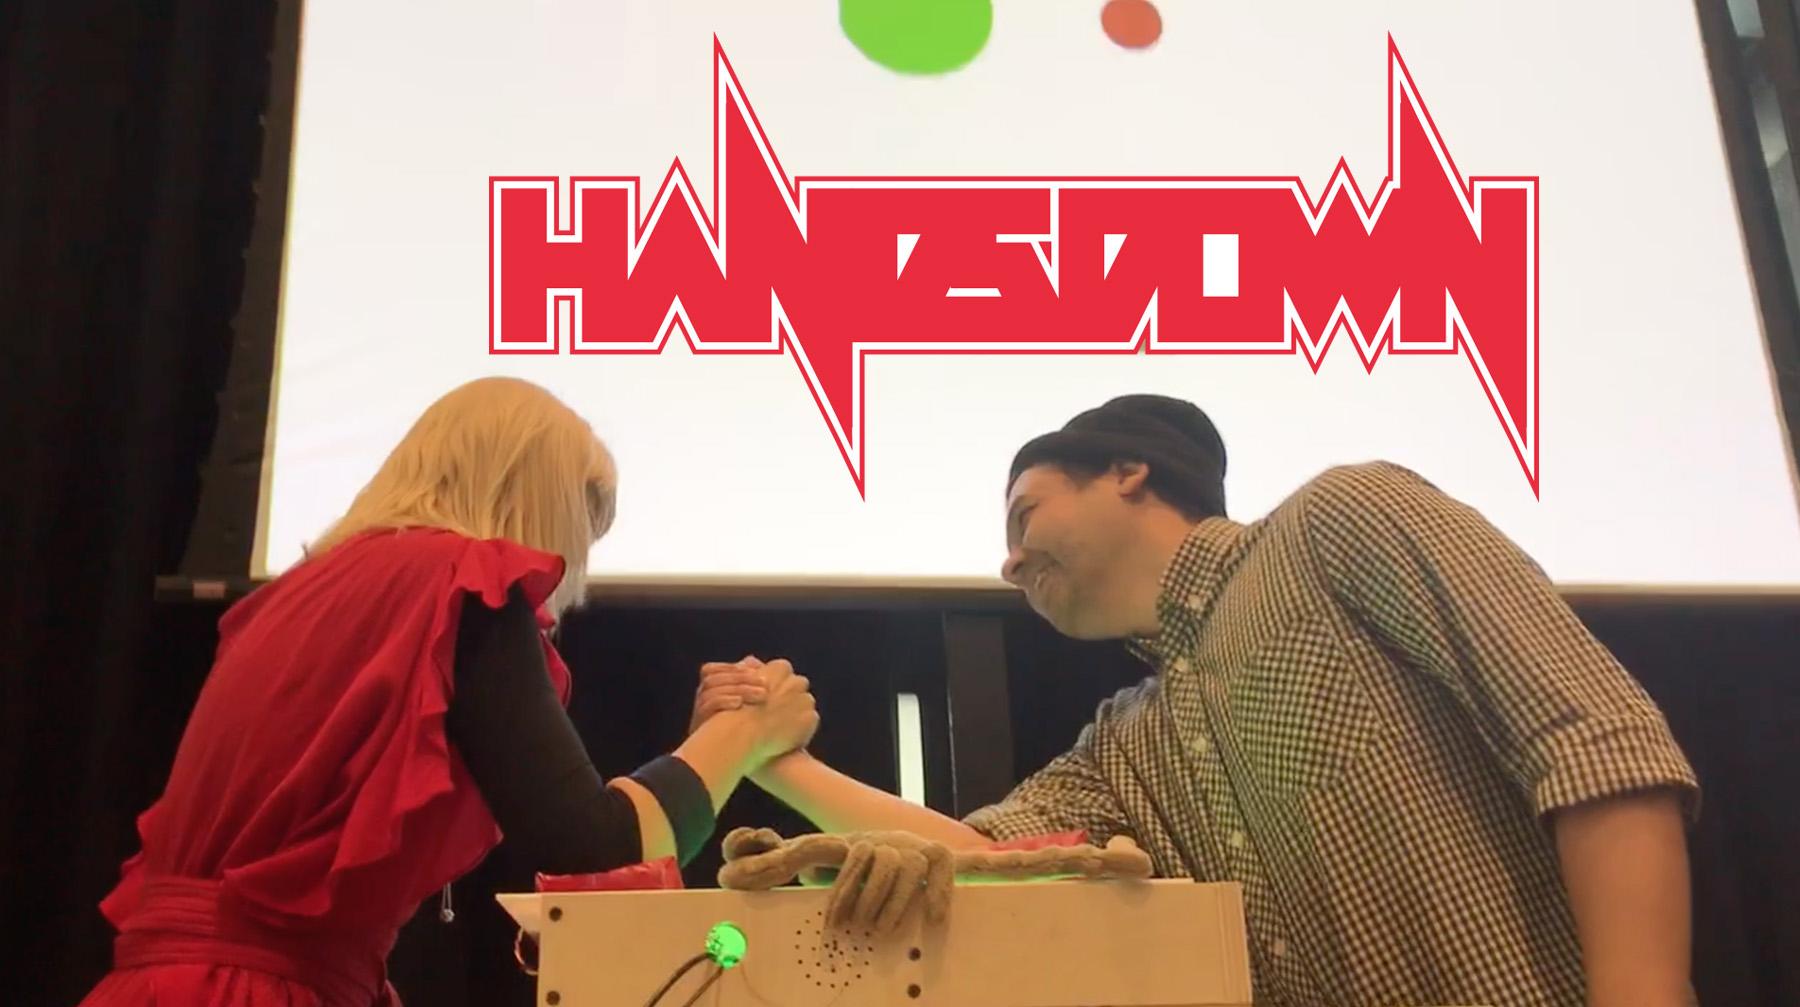 HandsDown_Cover_Titles.jpg